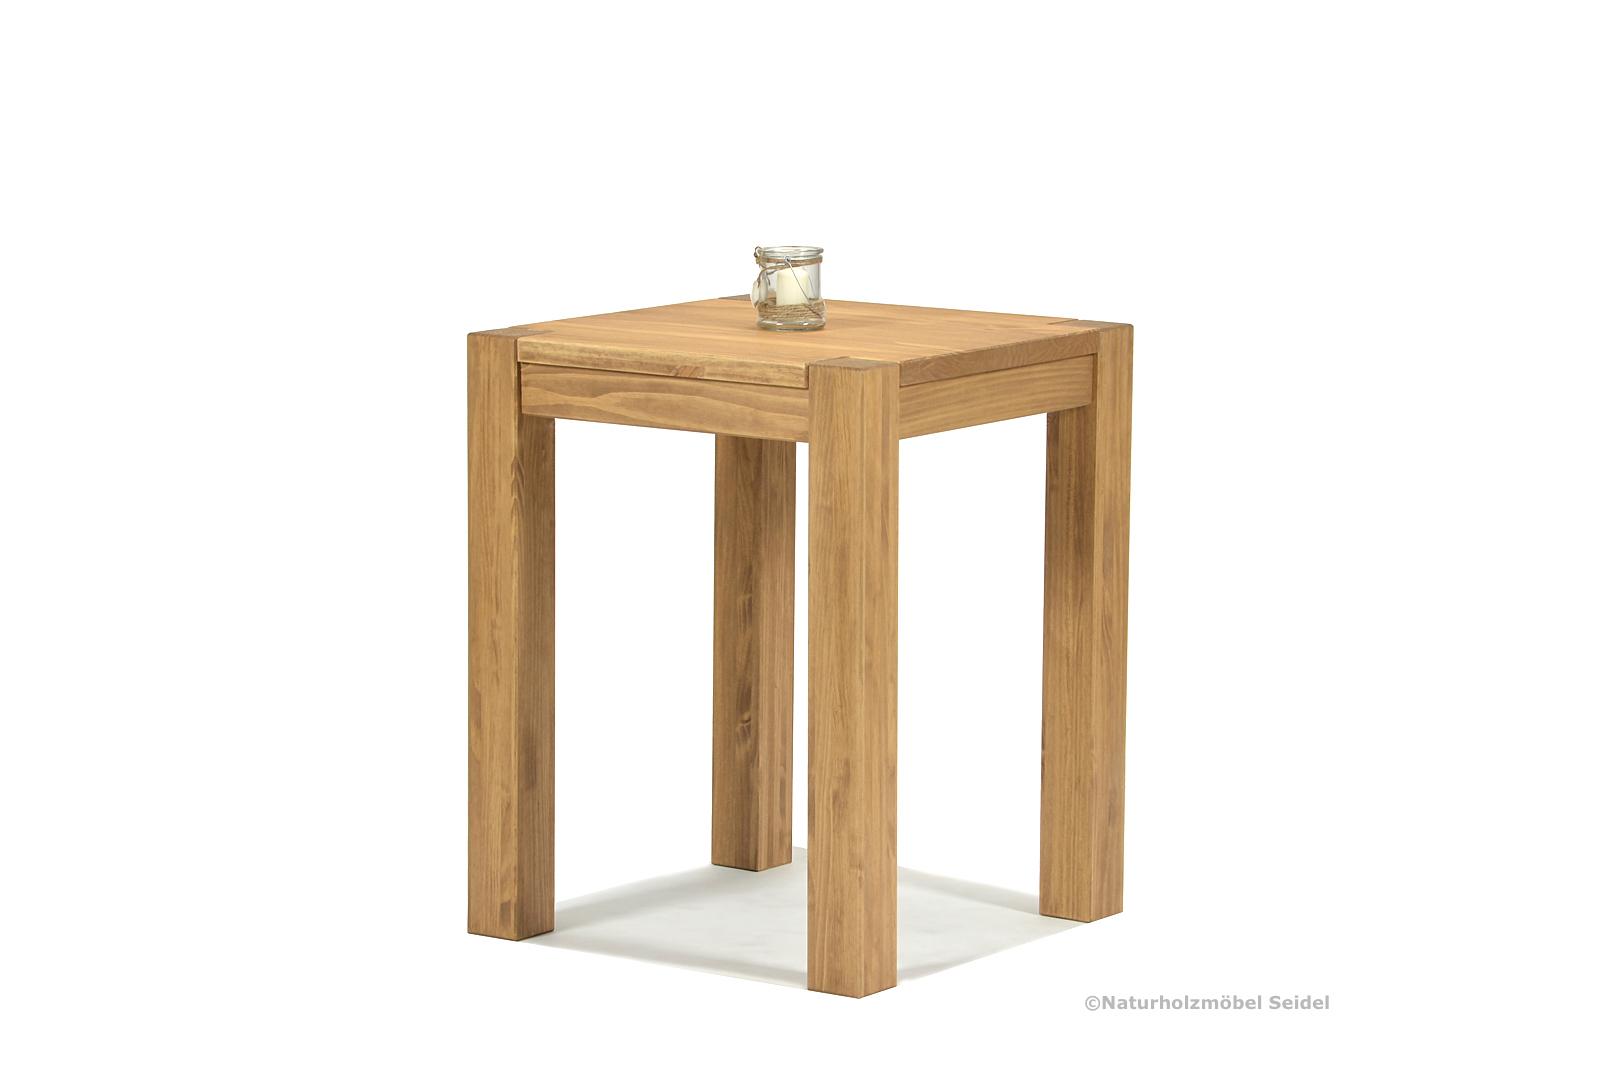 Esstisch Rio Bonito Esszimmer Tisch 50x50cm Massivholz Pinie Honig hell